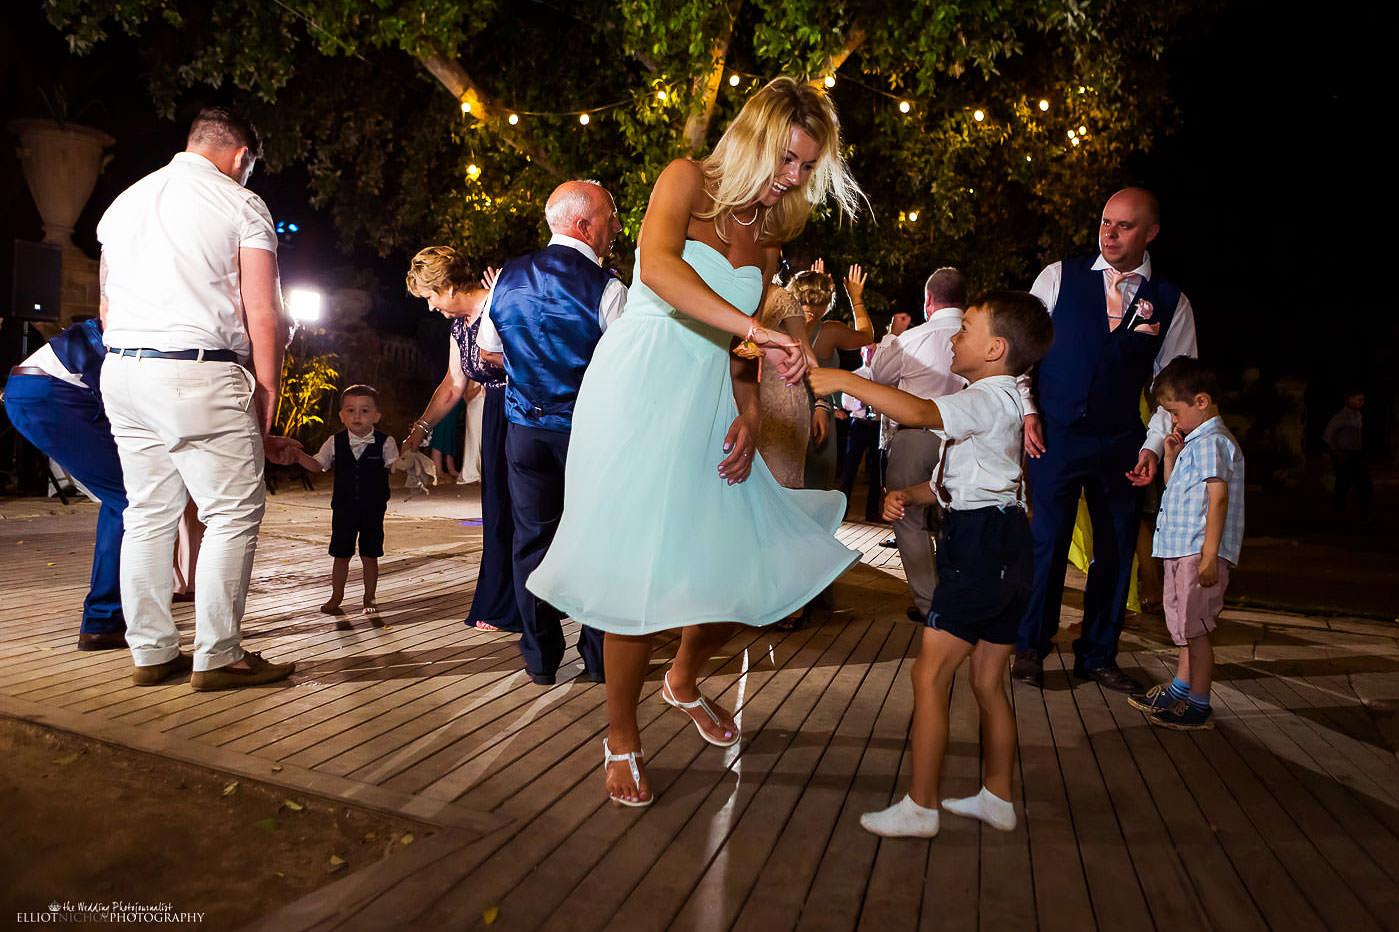 Dancing his the Villa Bologna's gardens during a wedding reception.